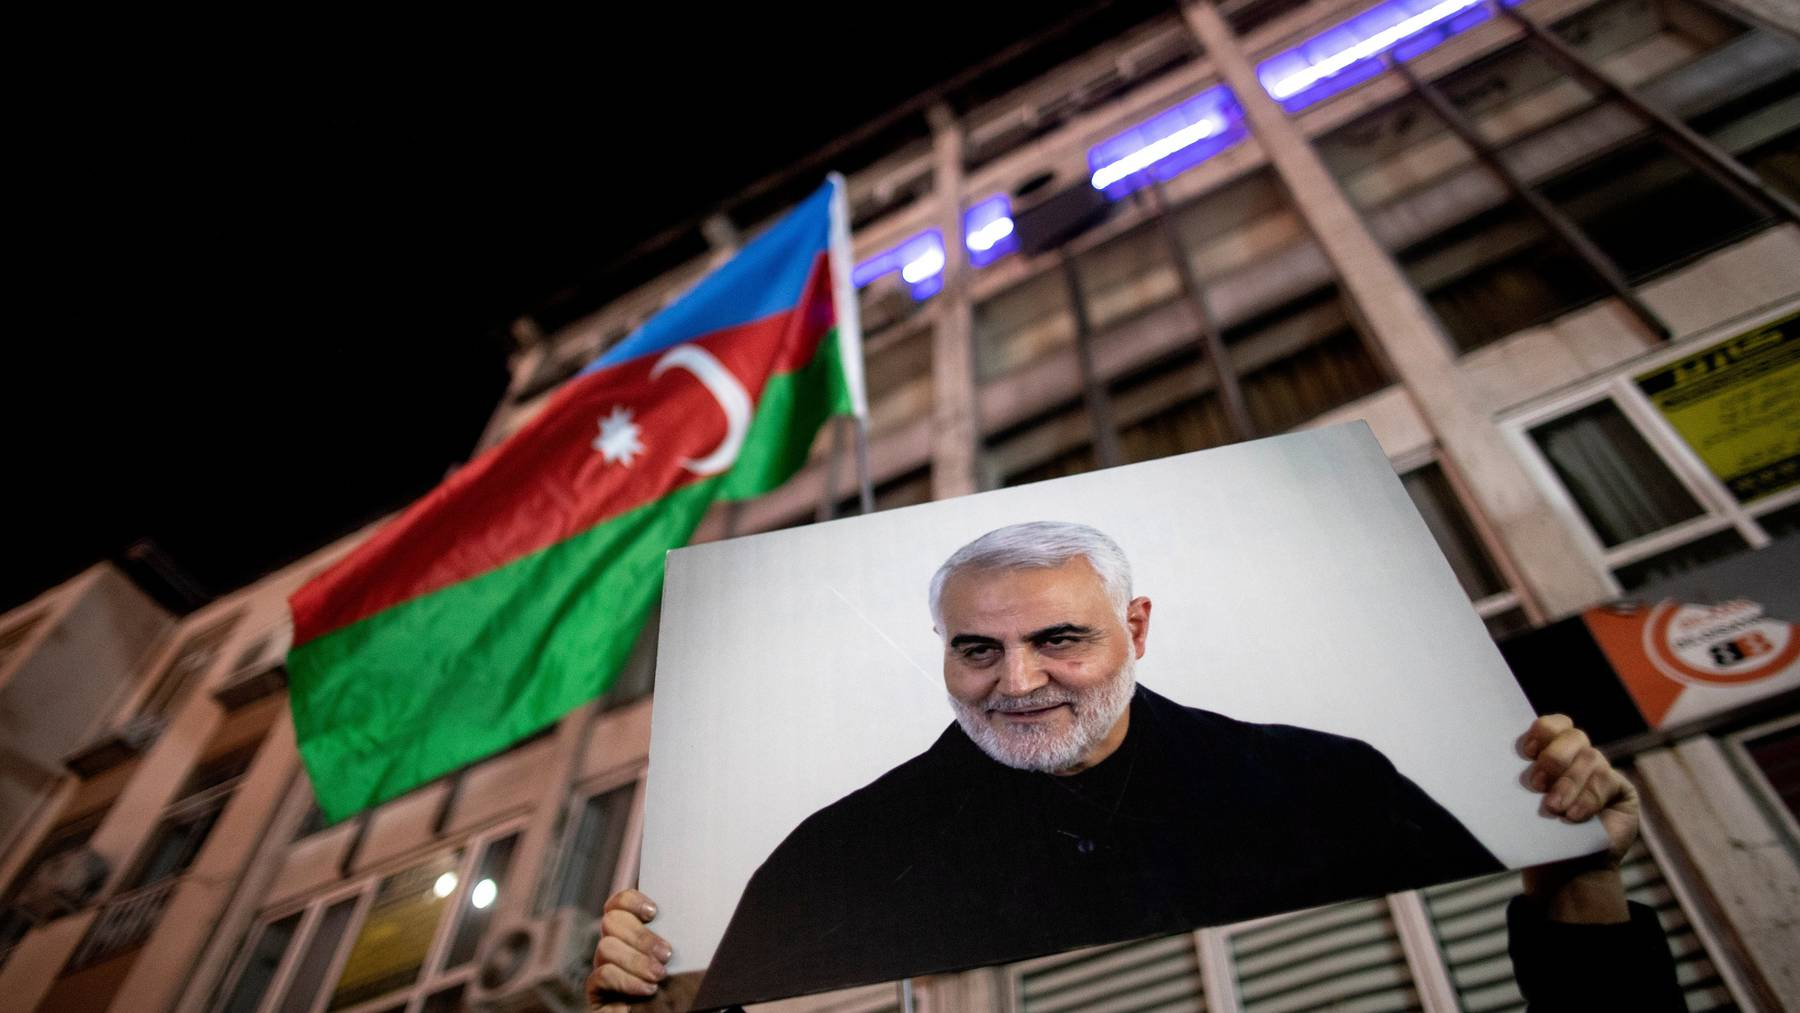 Die USA töte am 3. Januar den iranischen General Ghassem Soleimani. Dies löste eine schwere Krise zwischen den beiden Ländern aus.